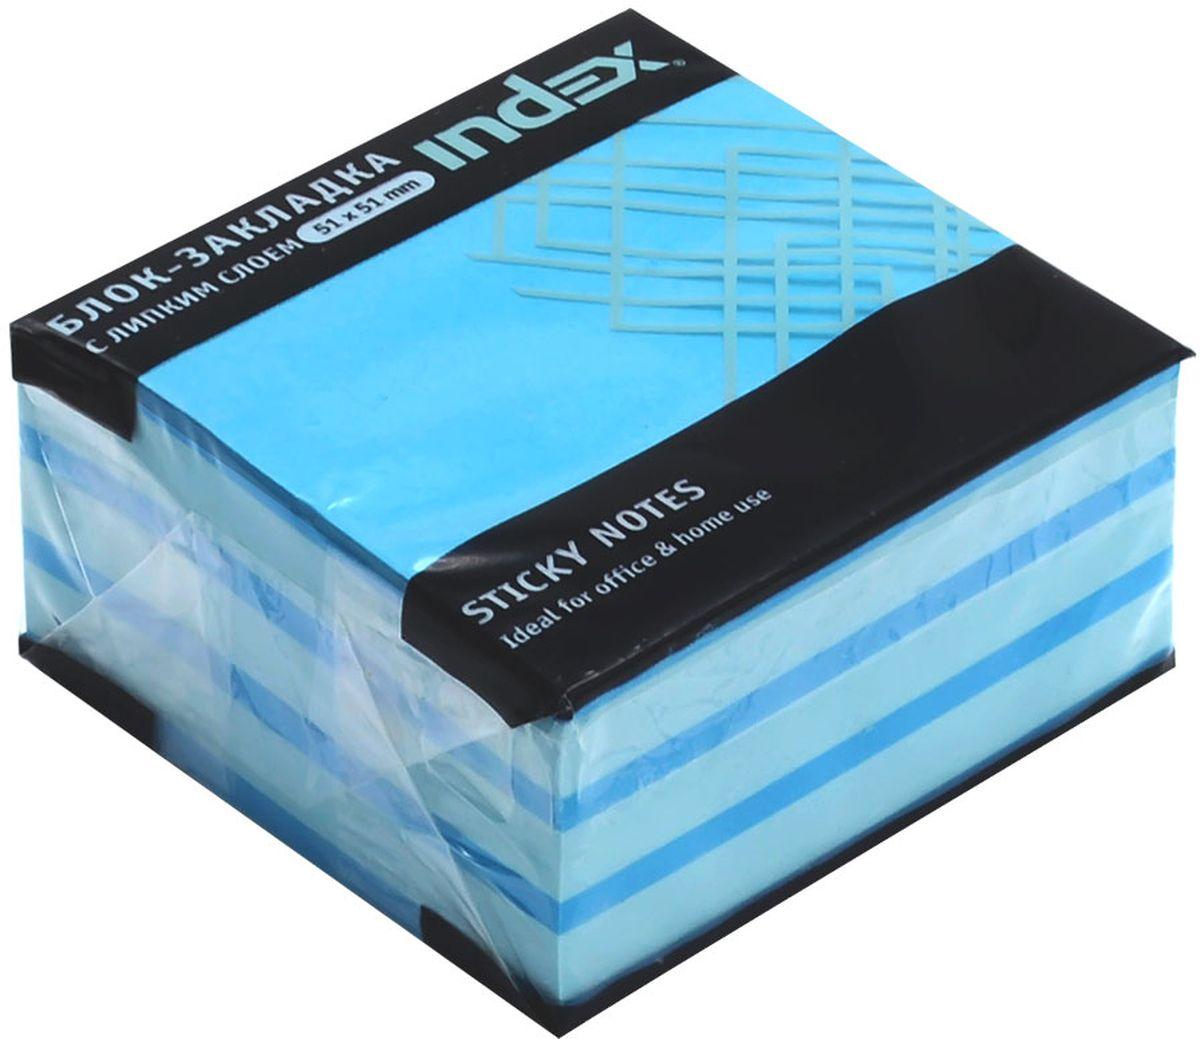 Index Бумага для заметок с липким слоем Мини-куб 5,1 х 5,1 см цвет голубой 250 листовELA049-18Бумага для заметок с липким слоем Index Мини-куб обязательно привлечет внимание к вашему сообщению. Листочки легко приклеиваются к любой поверхности, будь то бумага, корпус монитора, дверь. Не оставляют следов после отклеивания.